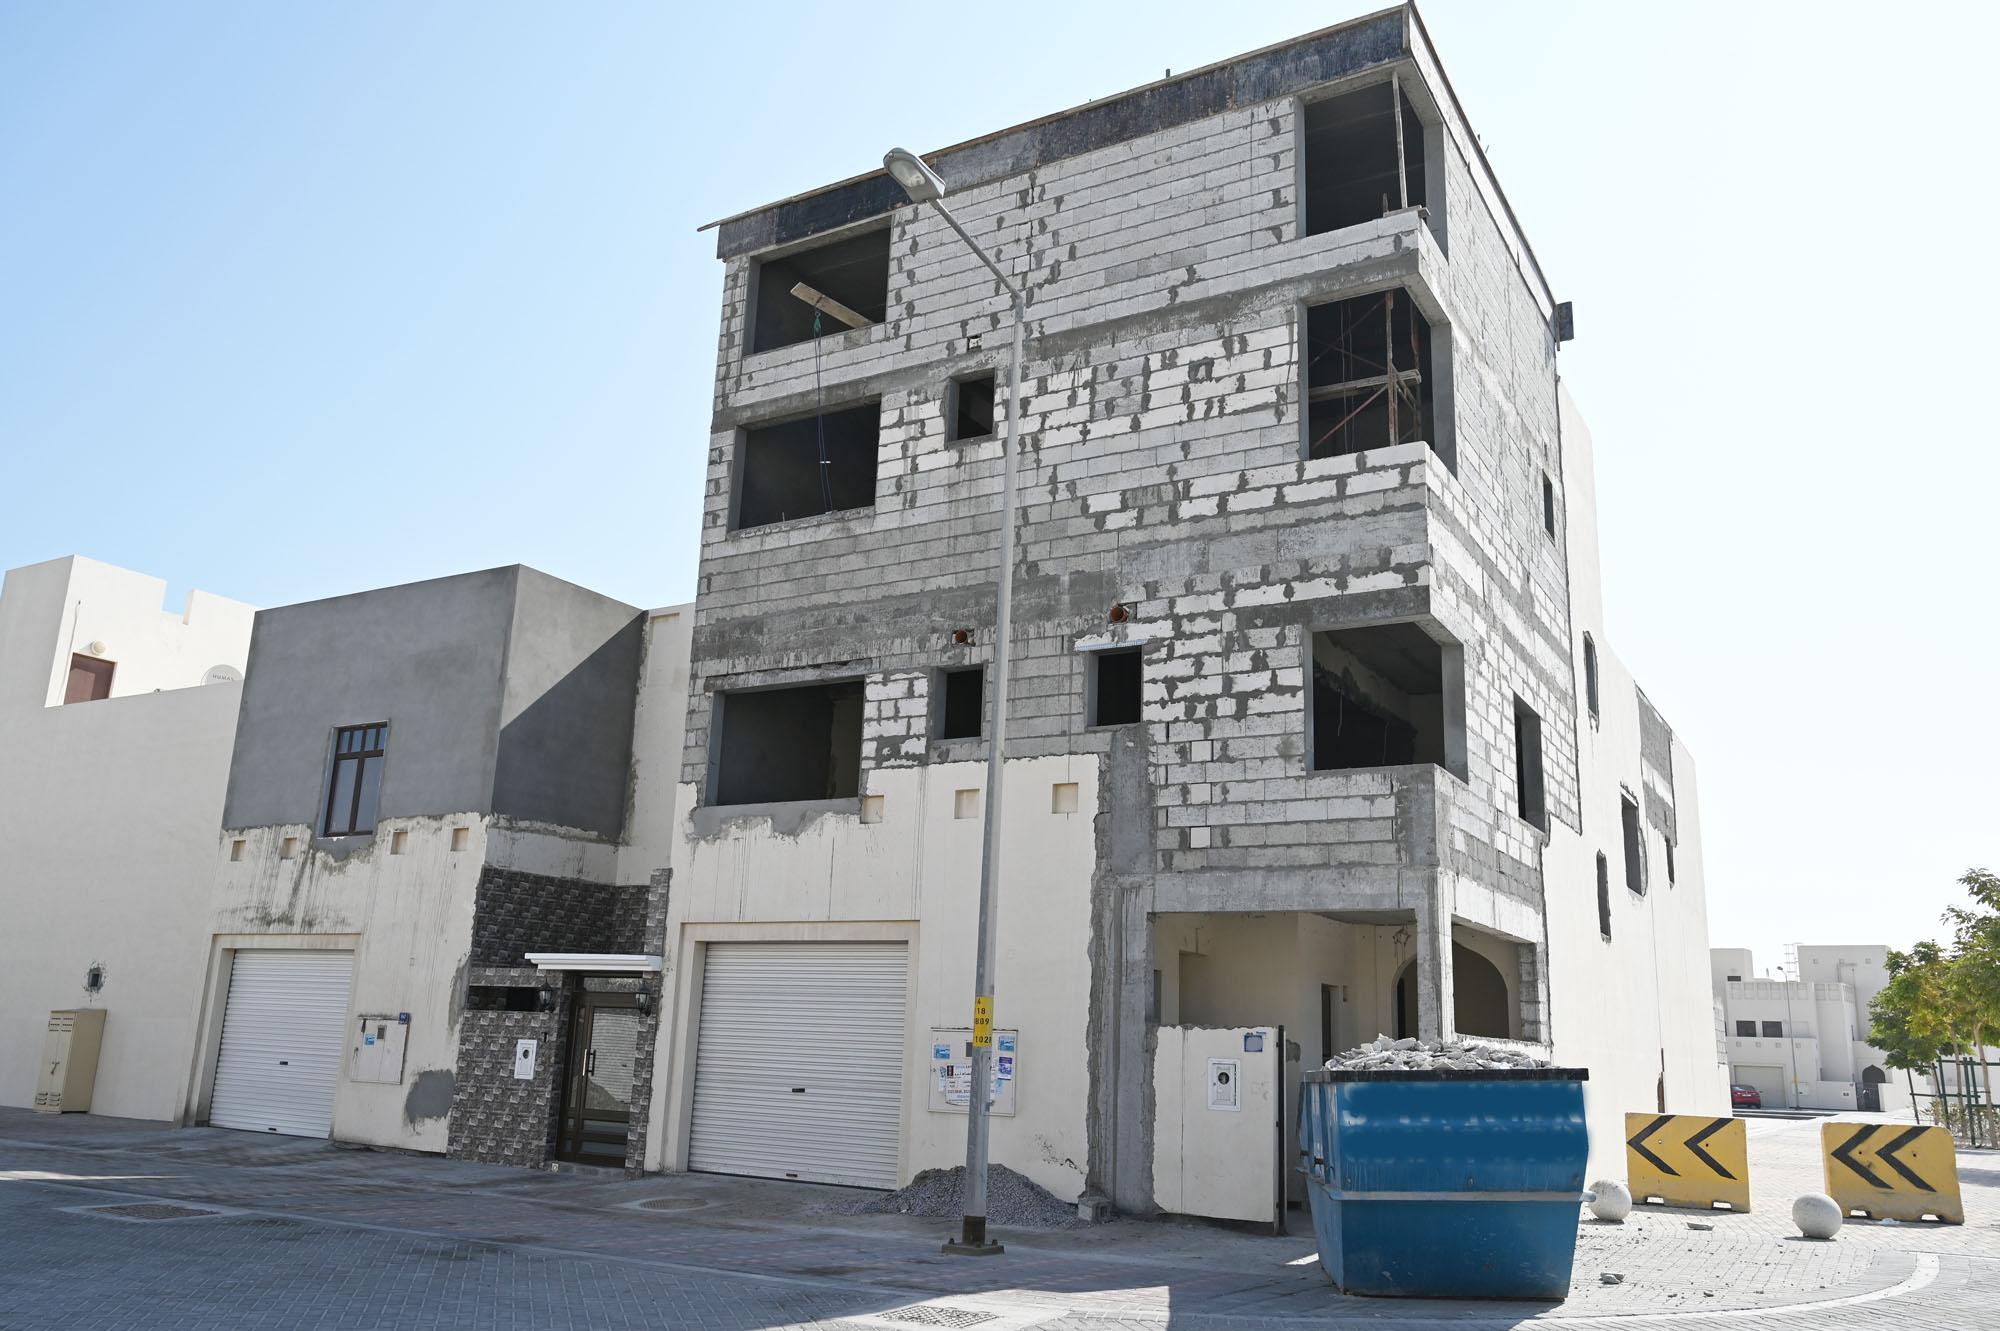 """""""الإسكان"""" الالتزام بقوانين البناء يساهم في الحفاظ على الواجهات المعمارية والحضارية للمدن والمشاريع الإسكانية"""